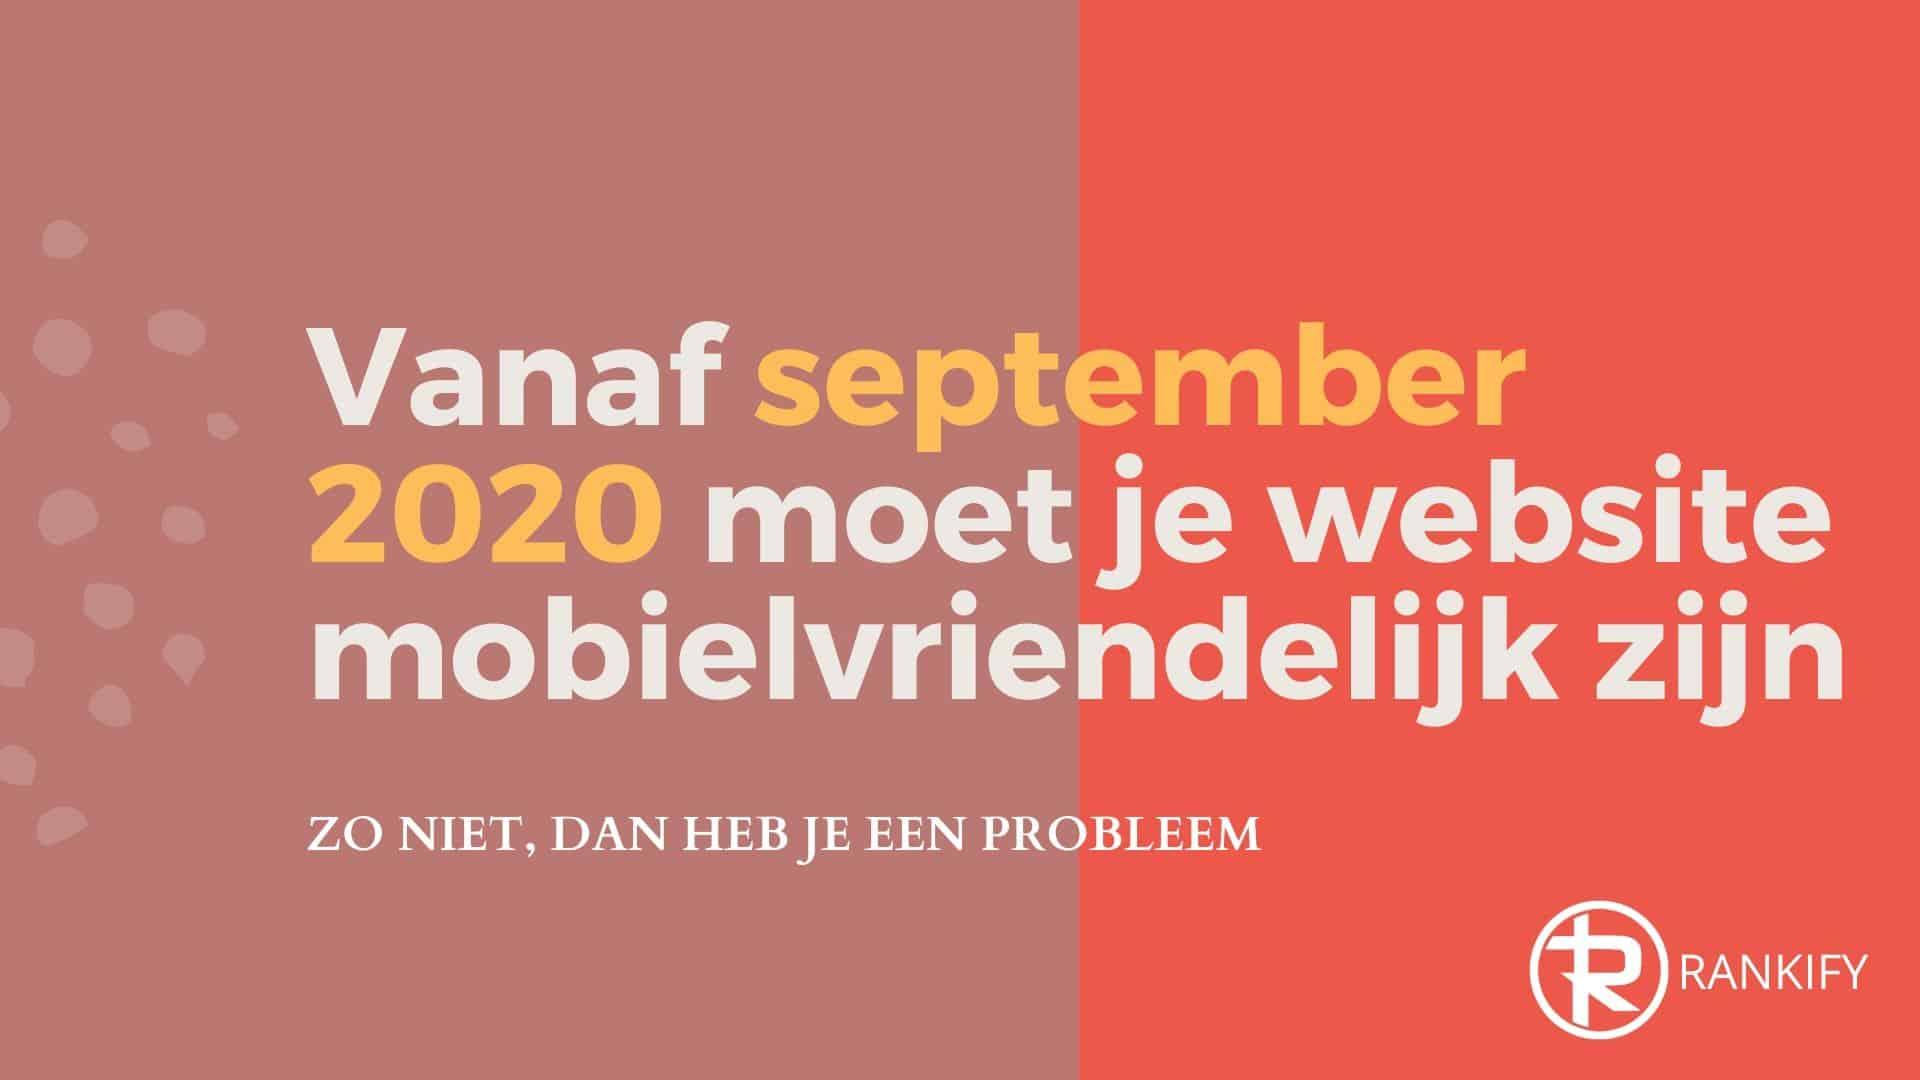 website moet mobielvriendelijk zijn vanaf september 2020